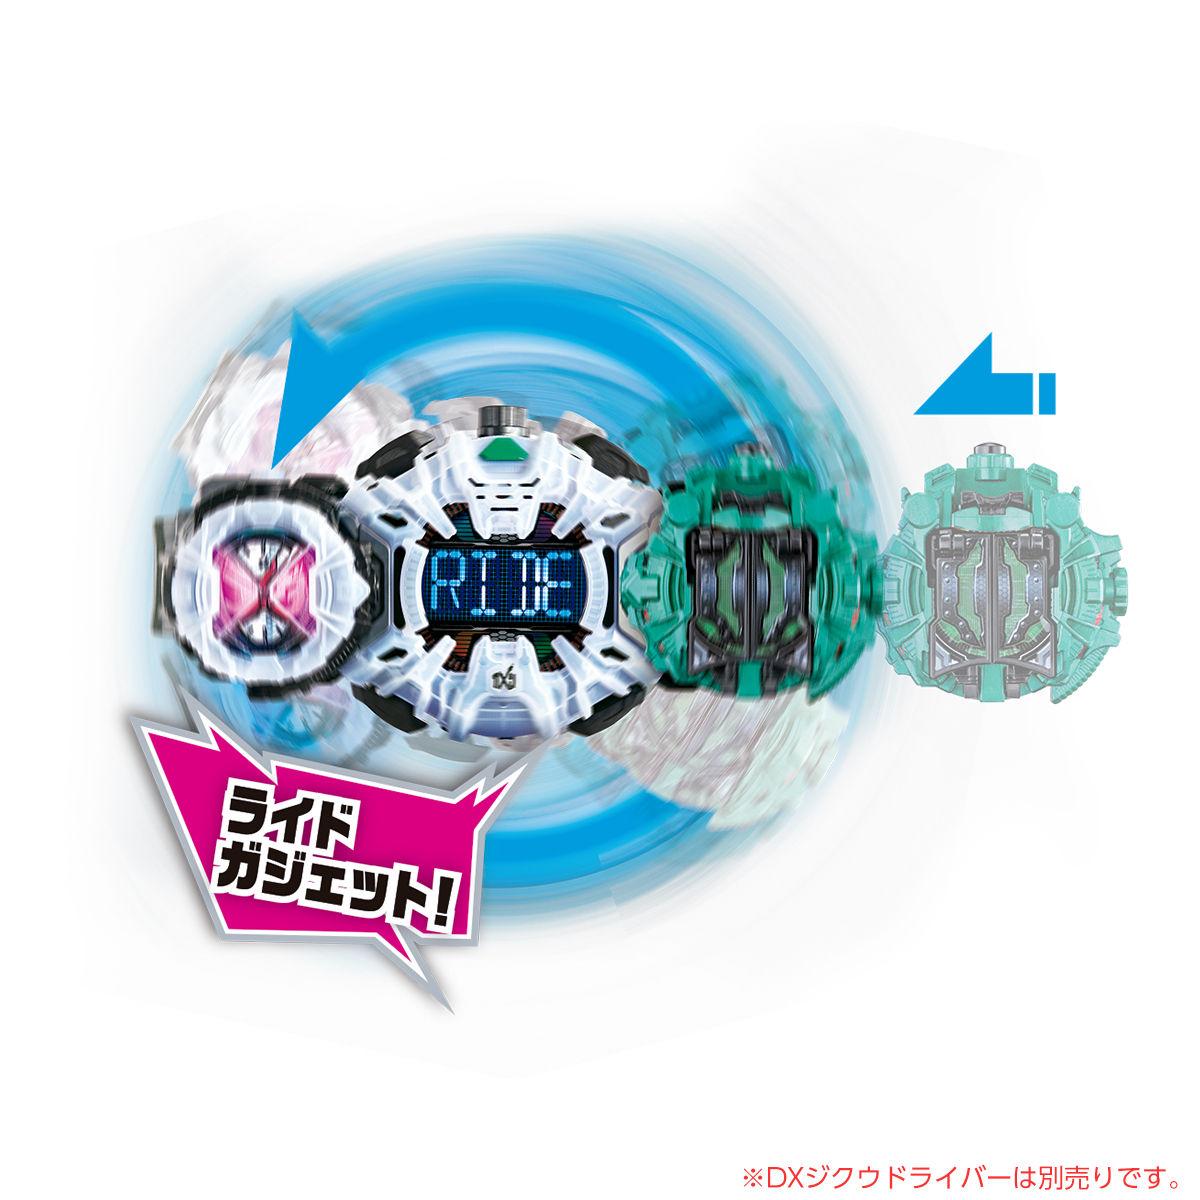 ライドガジェットシリーズ『DXコダマスイカアームズ』仮面ライダージオウ 変身なりきり-005